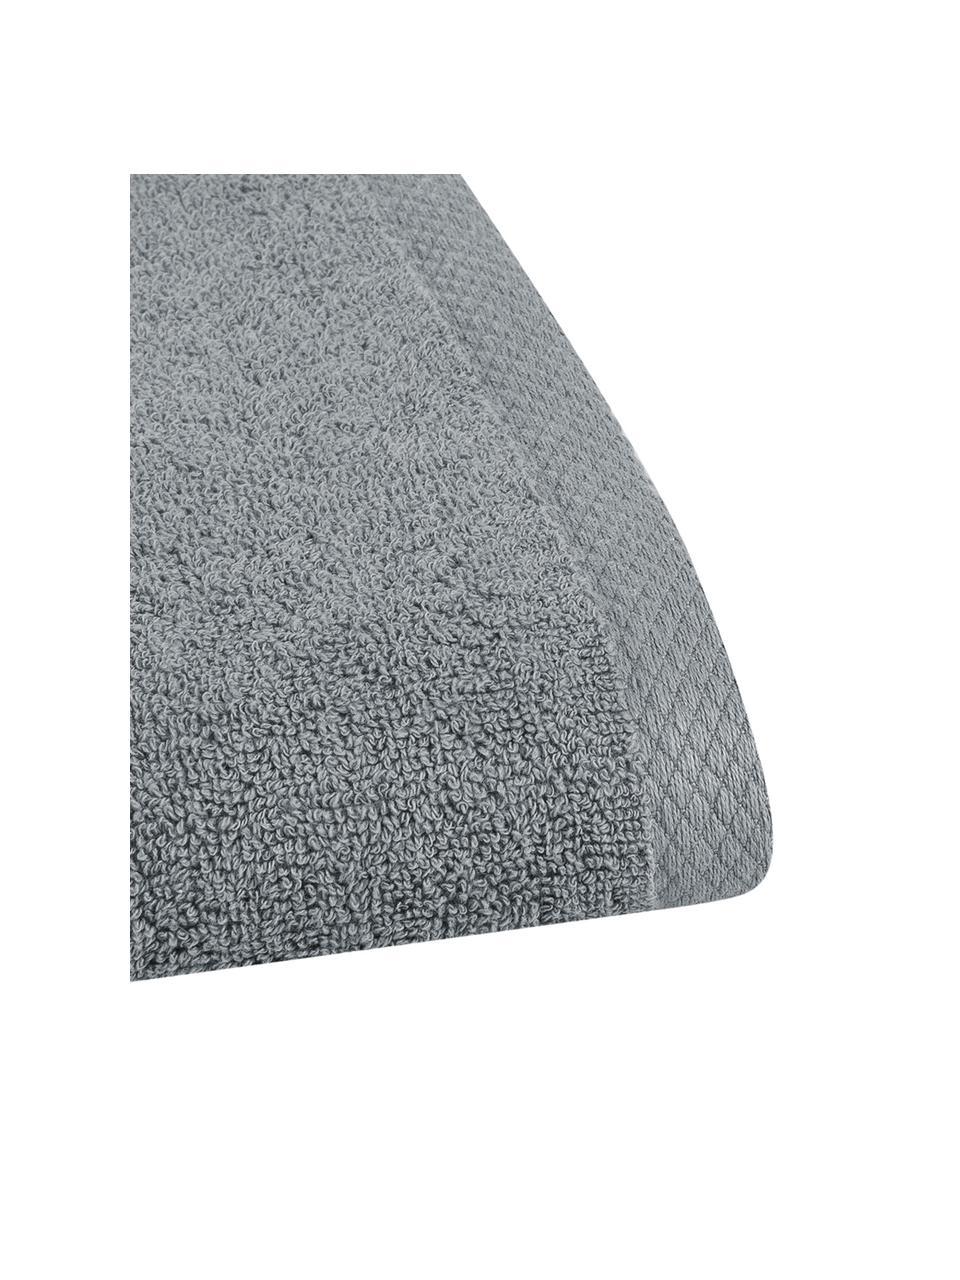 Ręcznik Comfort, różne rozmiary, Ciemny szary, Ręcznik dla gości